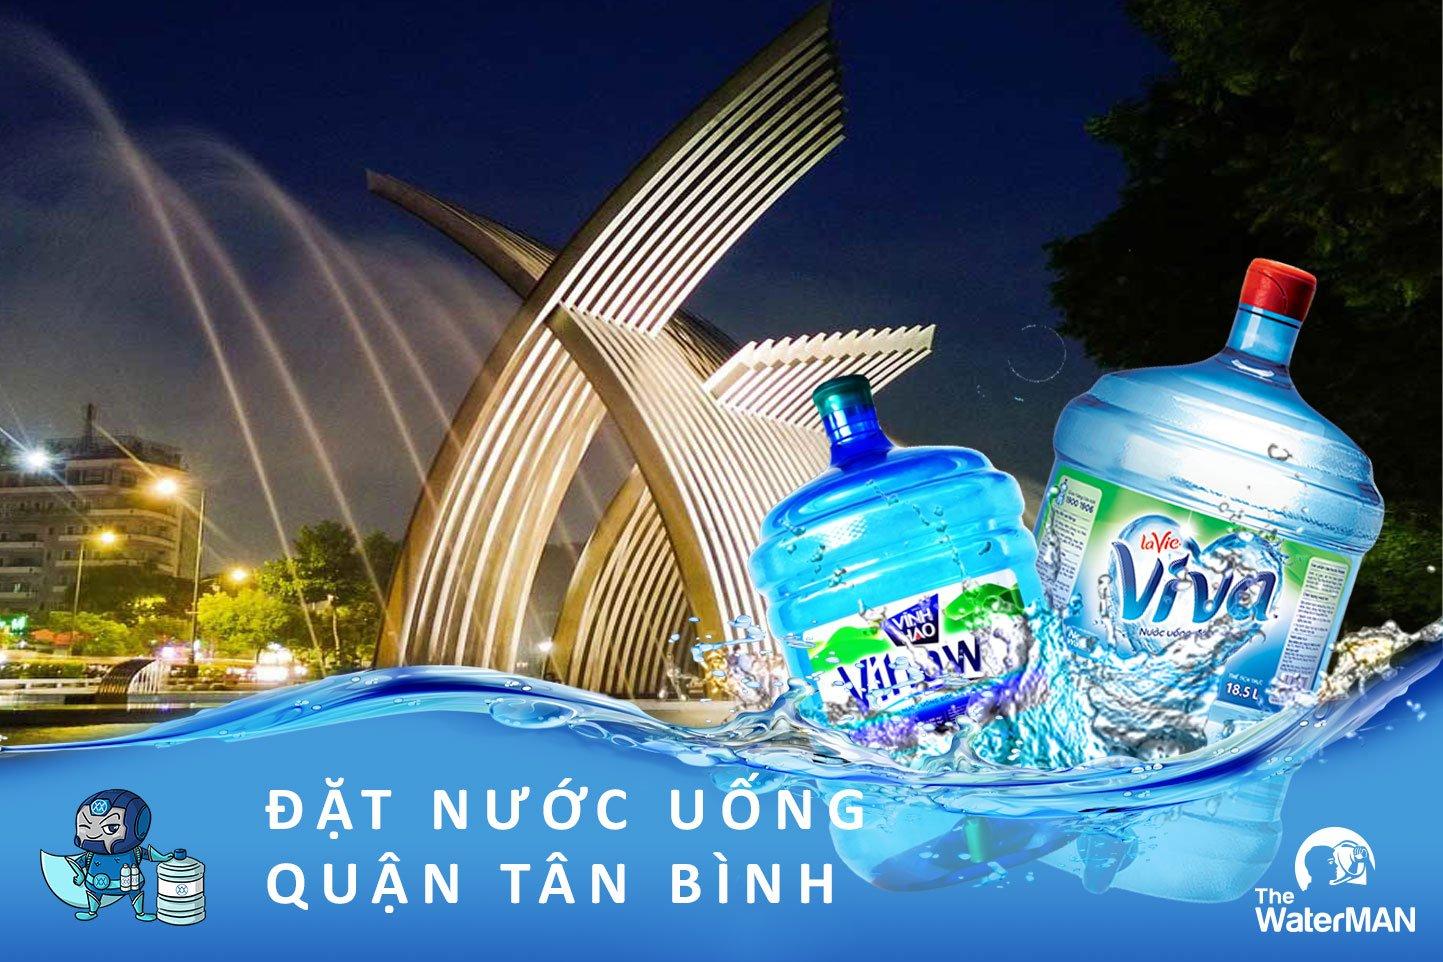 Cung cấp nước đóng bình sạch ở quận Tân Bình